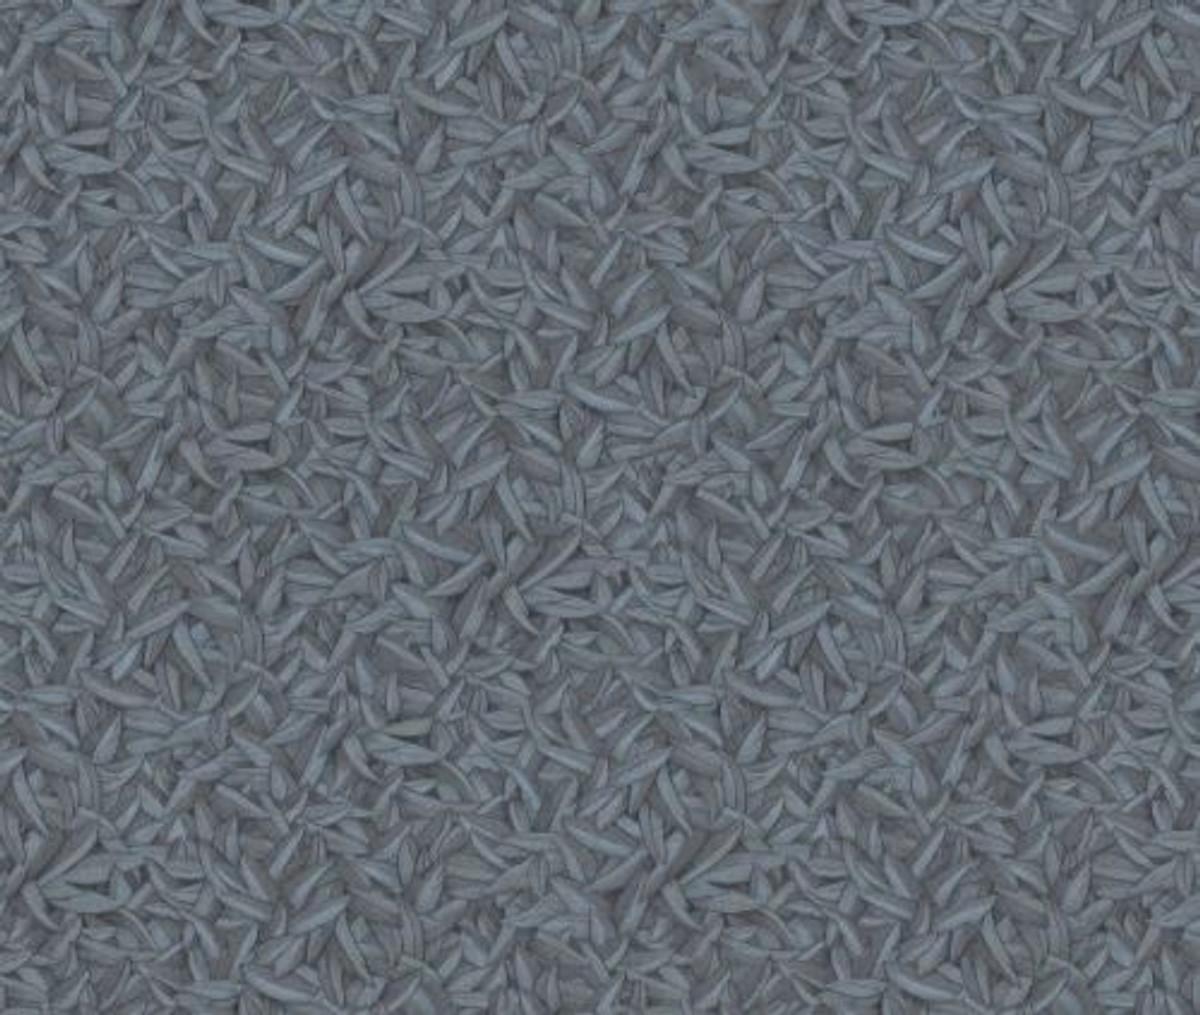 harald gl ckler designer barock tapete 52501 t rkis federn designer tapeten harald gl ckler. Black Bedroom Furniture Sets. Home Design Ideas